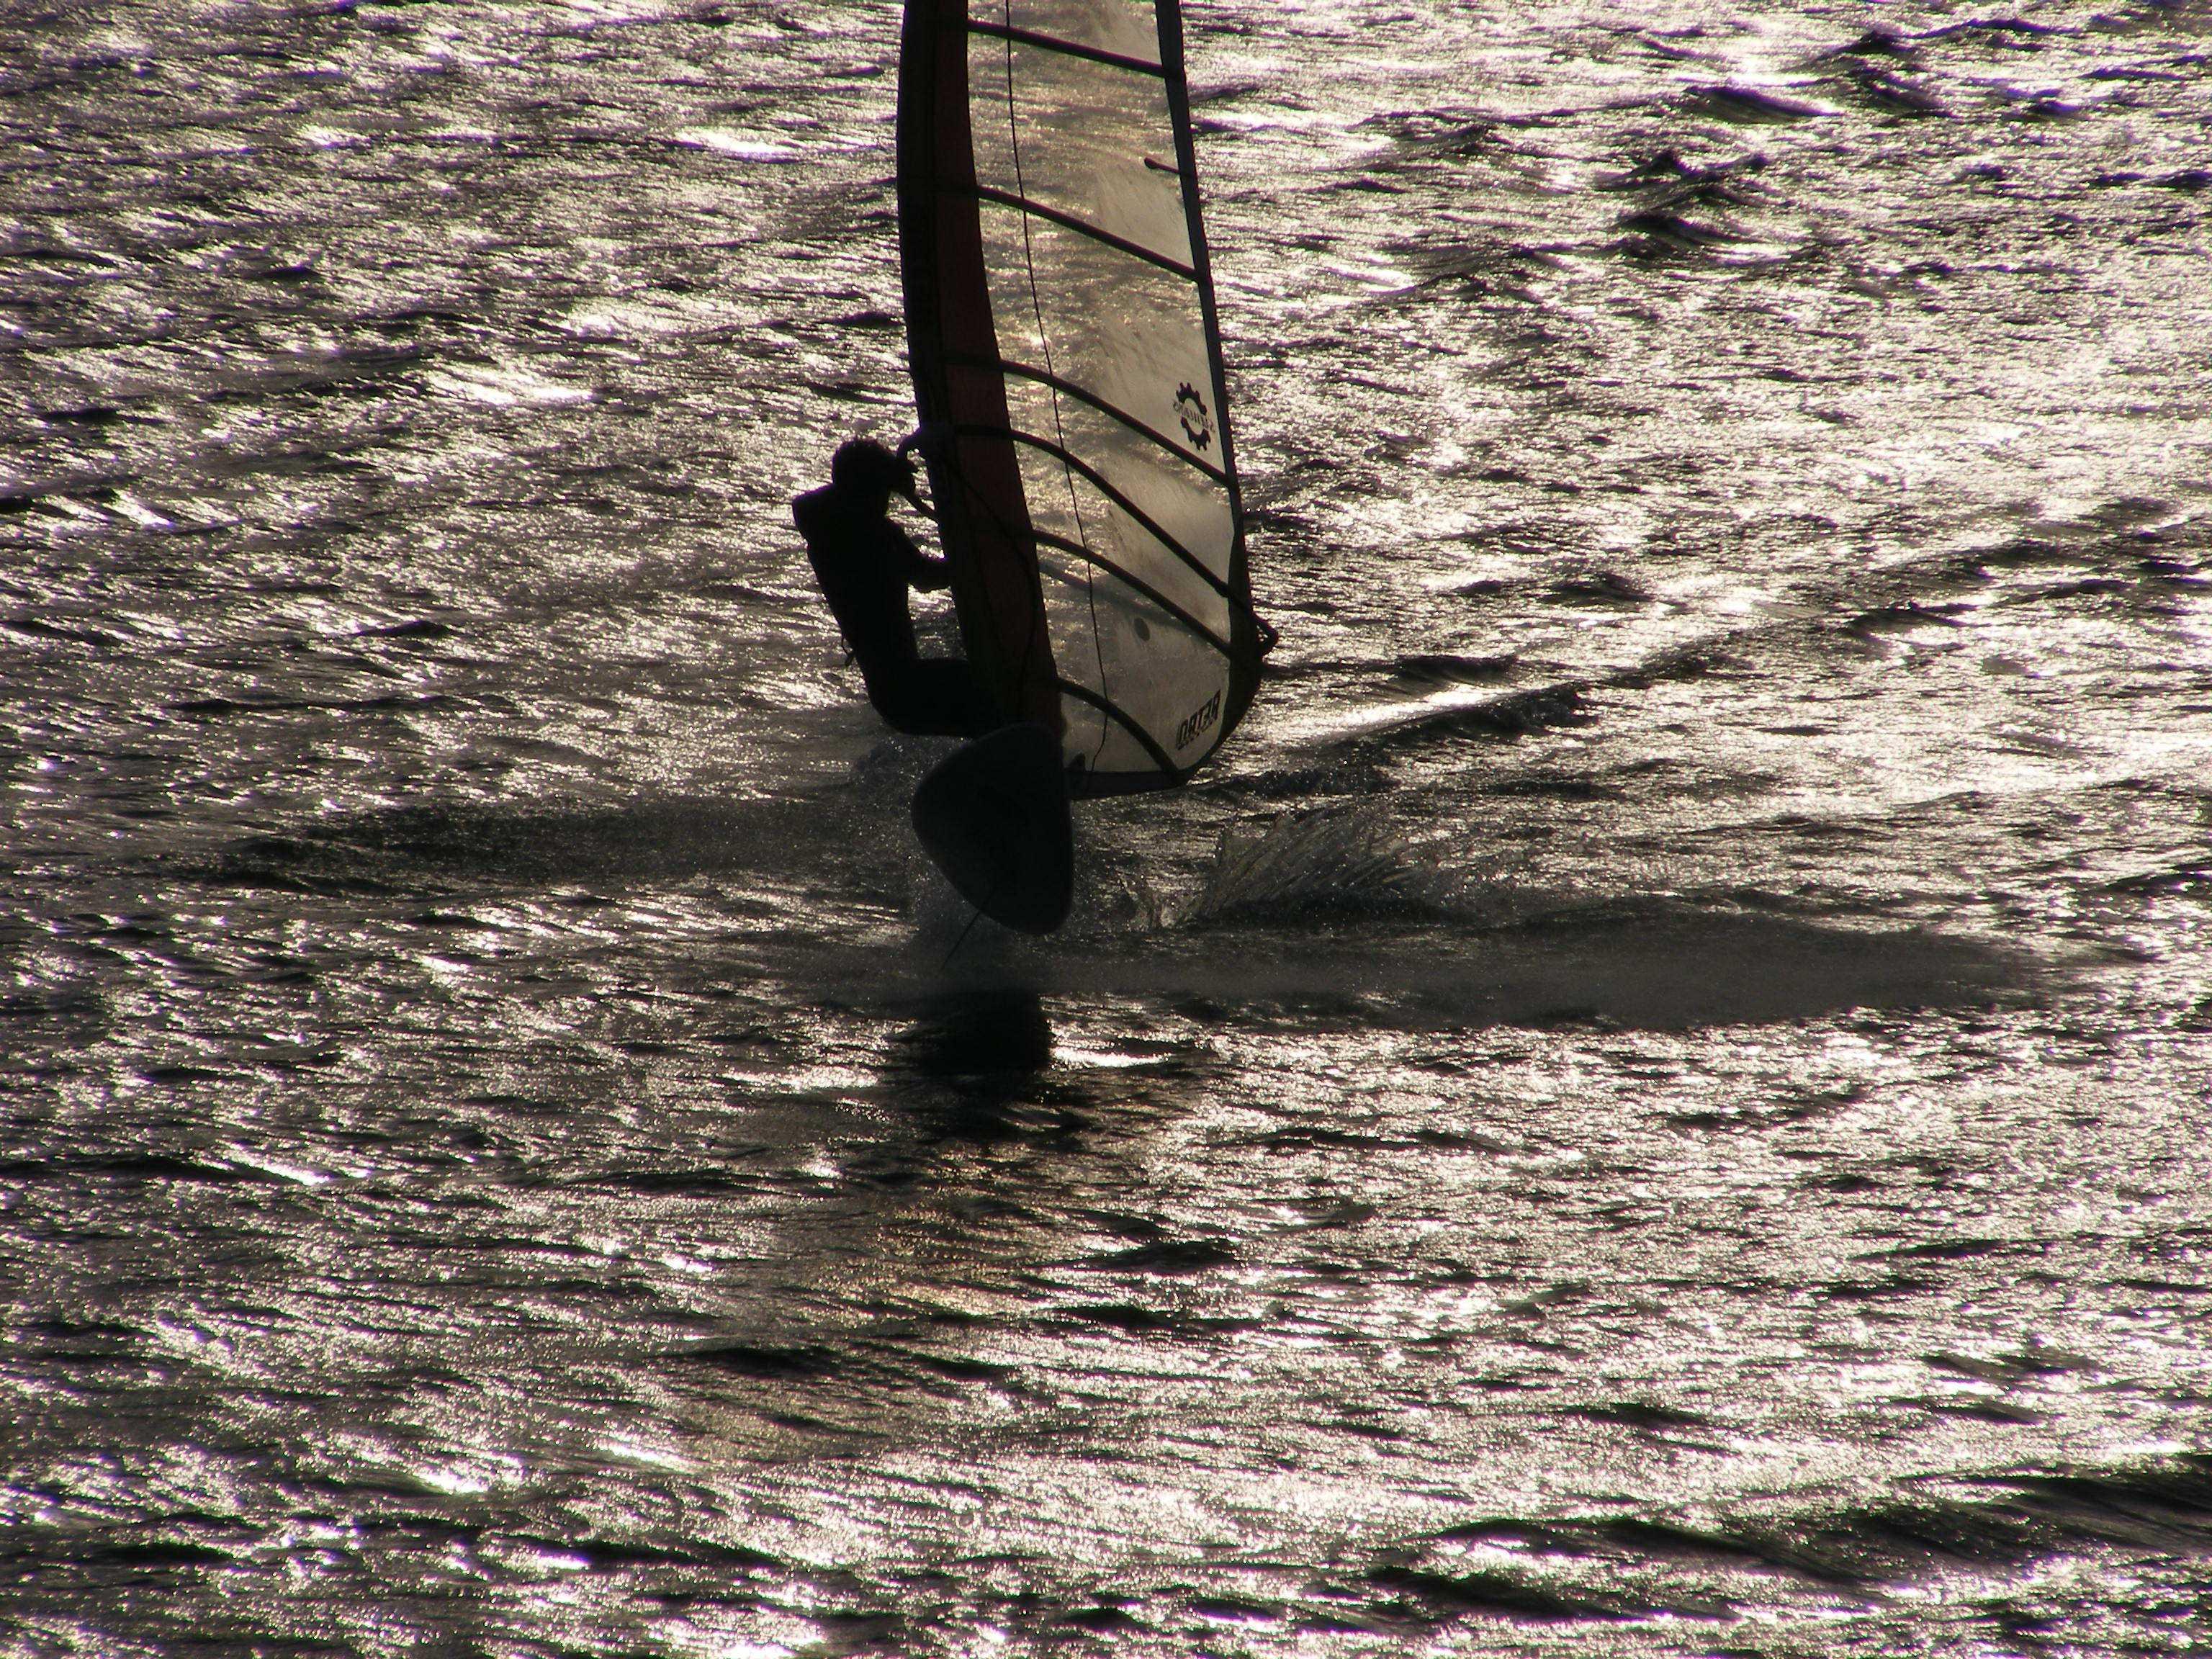 windsurfing-arad_30_2.jpg